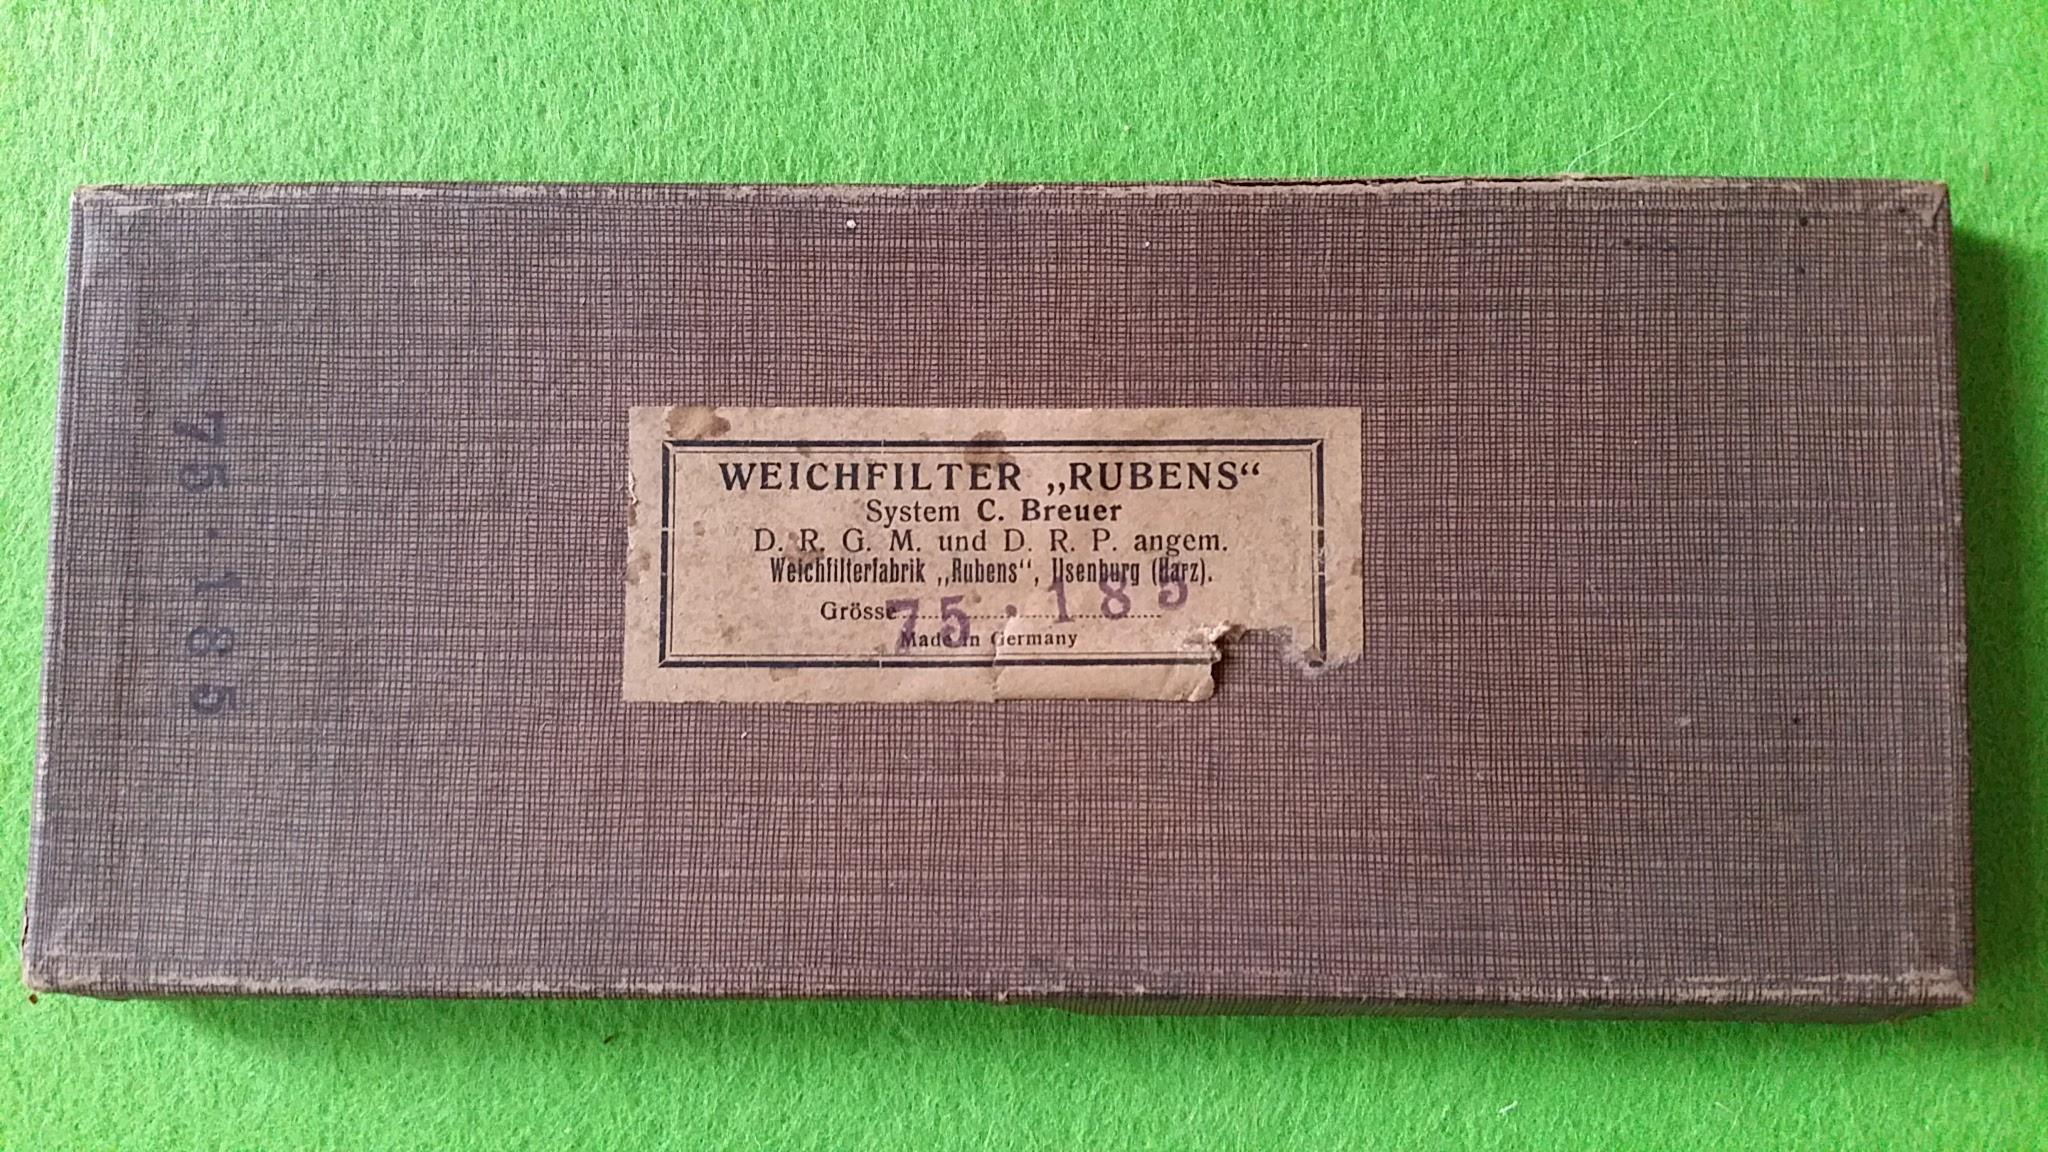 Weichfilter Rubens, Weichfilterfabrik Ilsenburg (Harz)